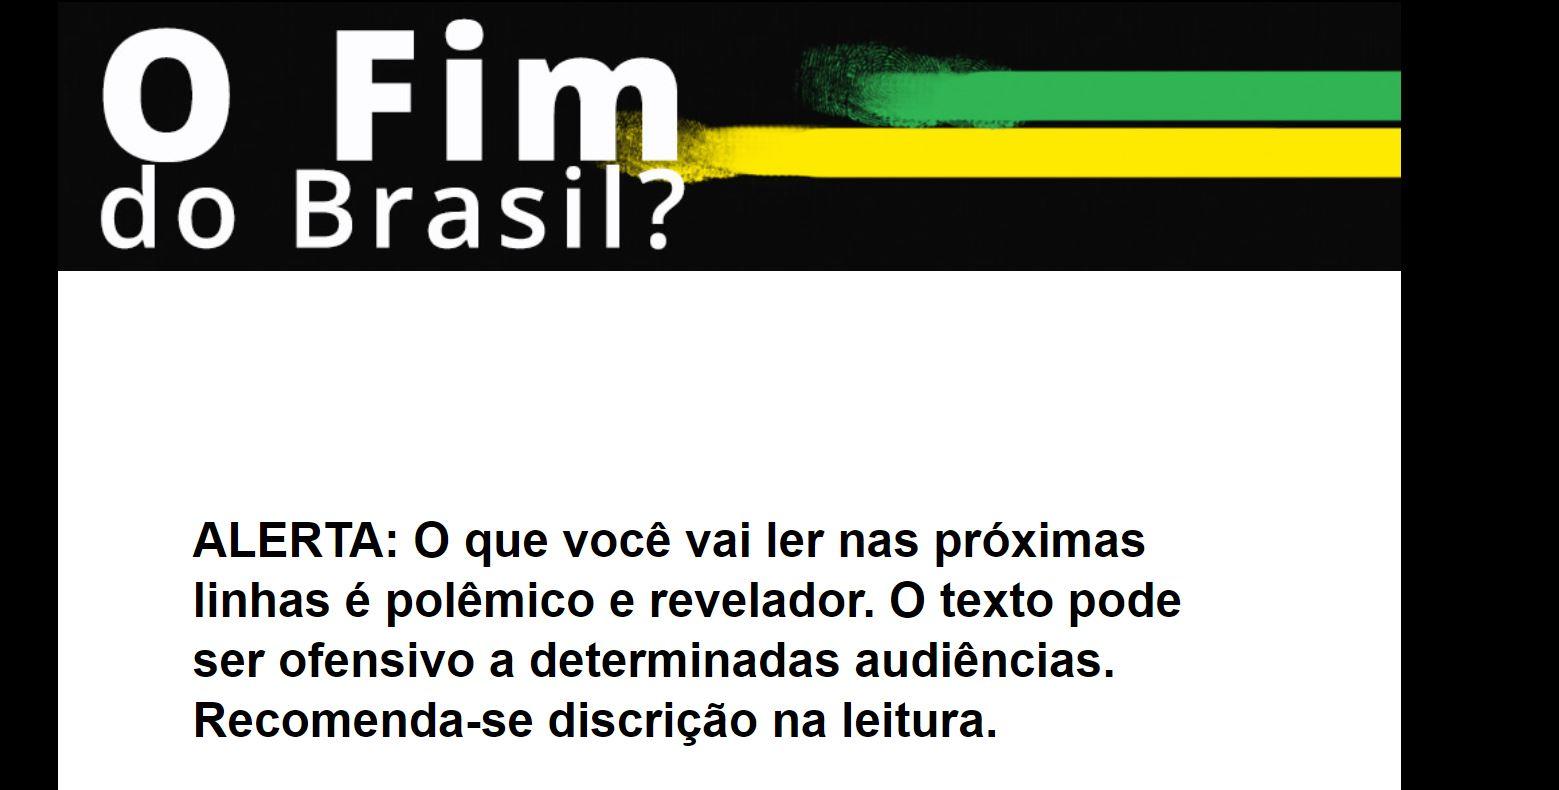 """Carta de vendas da Empiricus anuncia """"O Fim do Brasil"""" e avisa que o que será lido nas próximas linhas pode ser polêmico, revelador e ofensivo para determinados públicos."""